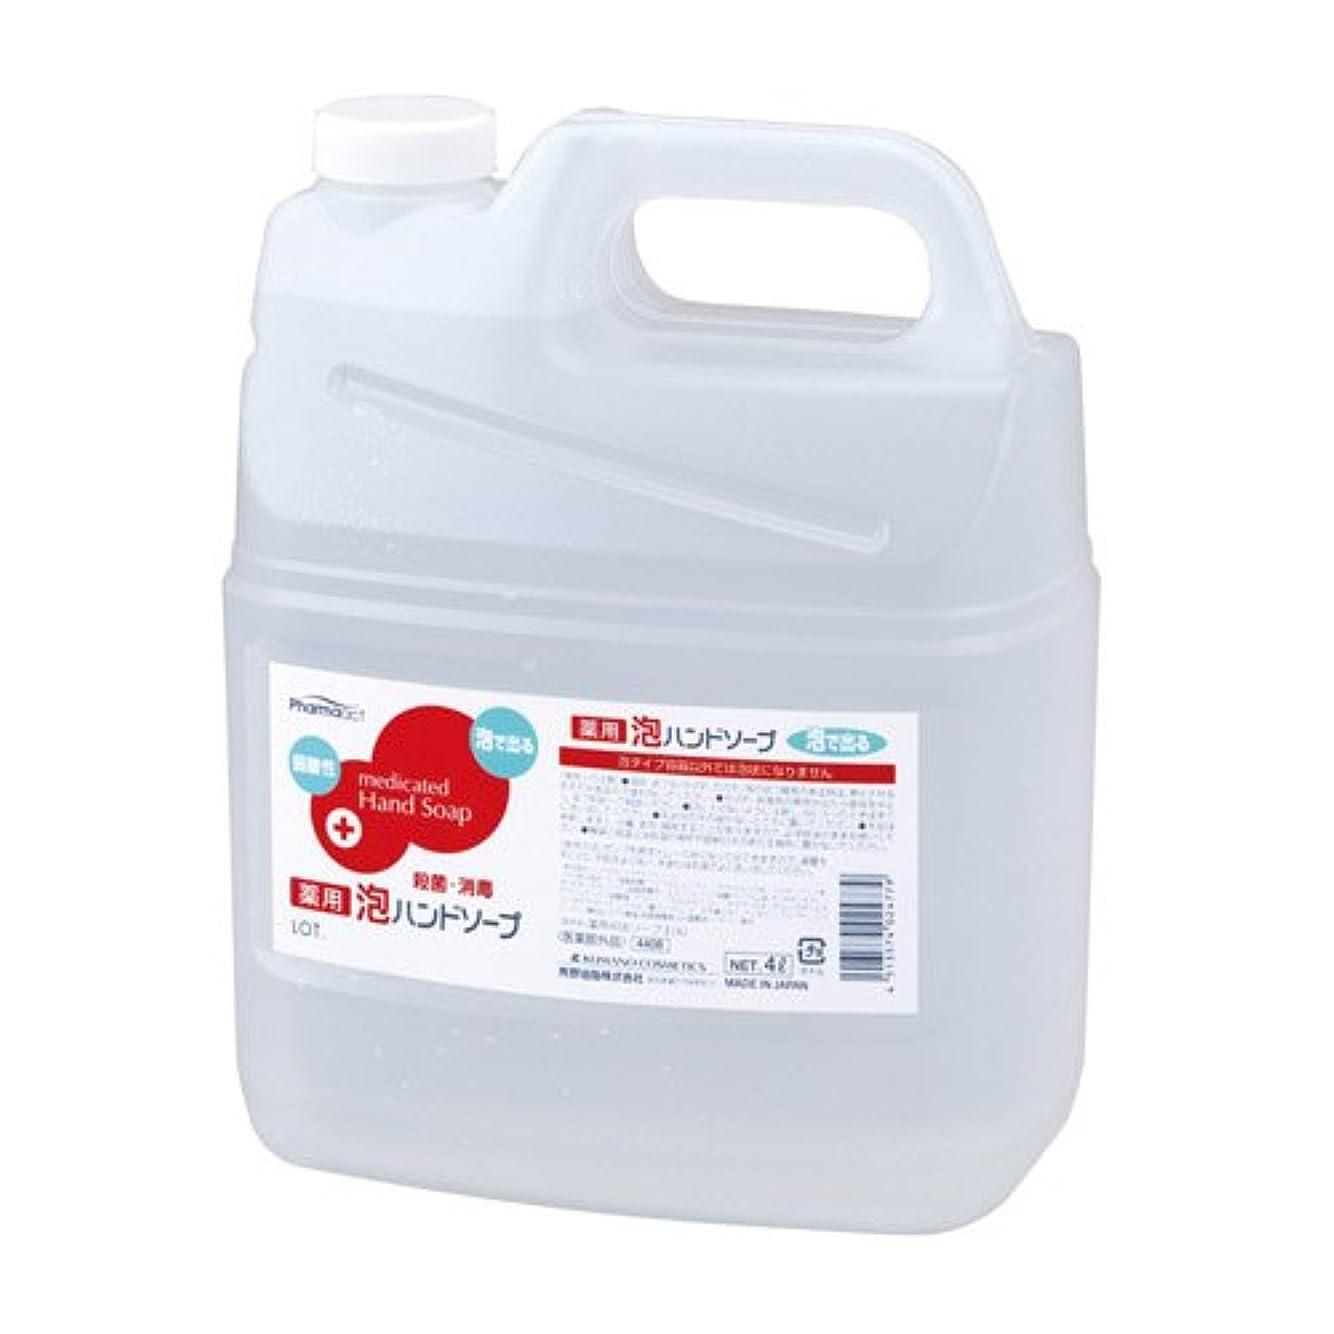 微妙小競り合い潤滑するファーマアクト 薬用 泡ハンドソープ 業務用 4L 【医薬部外品】